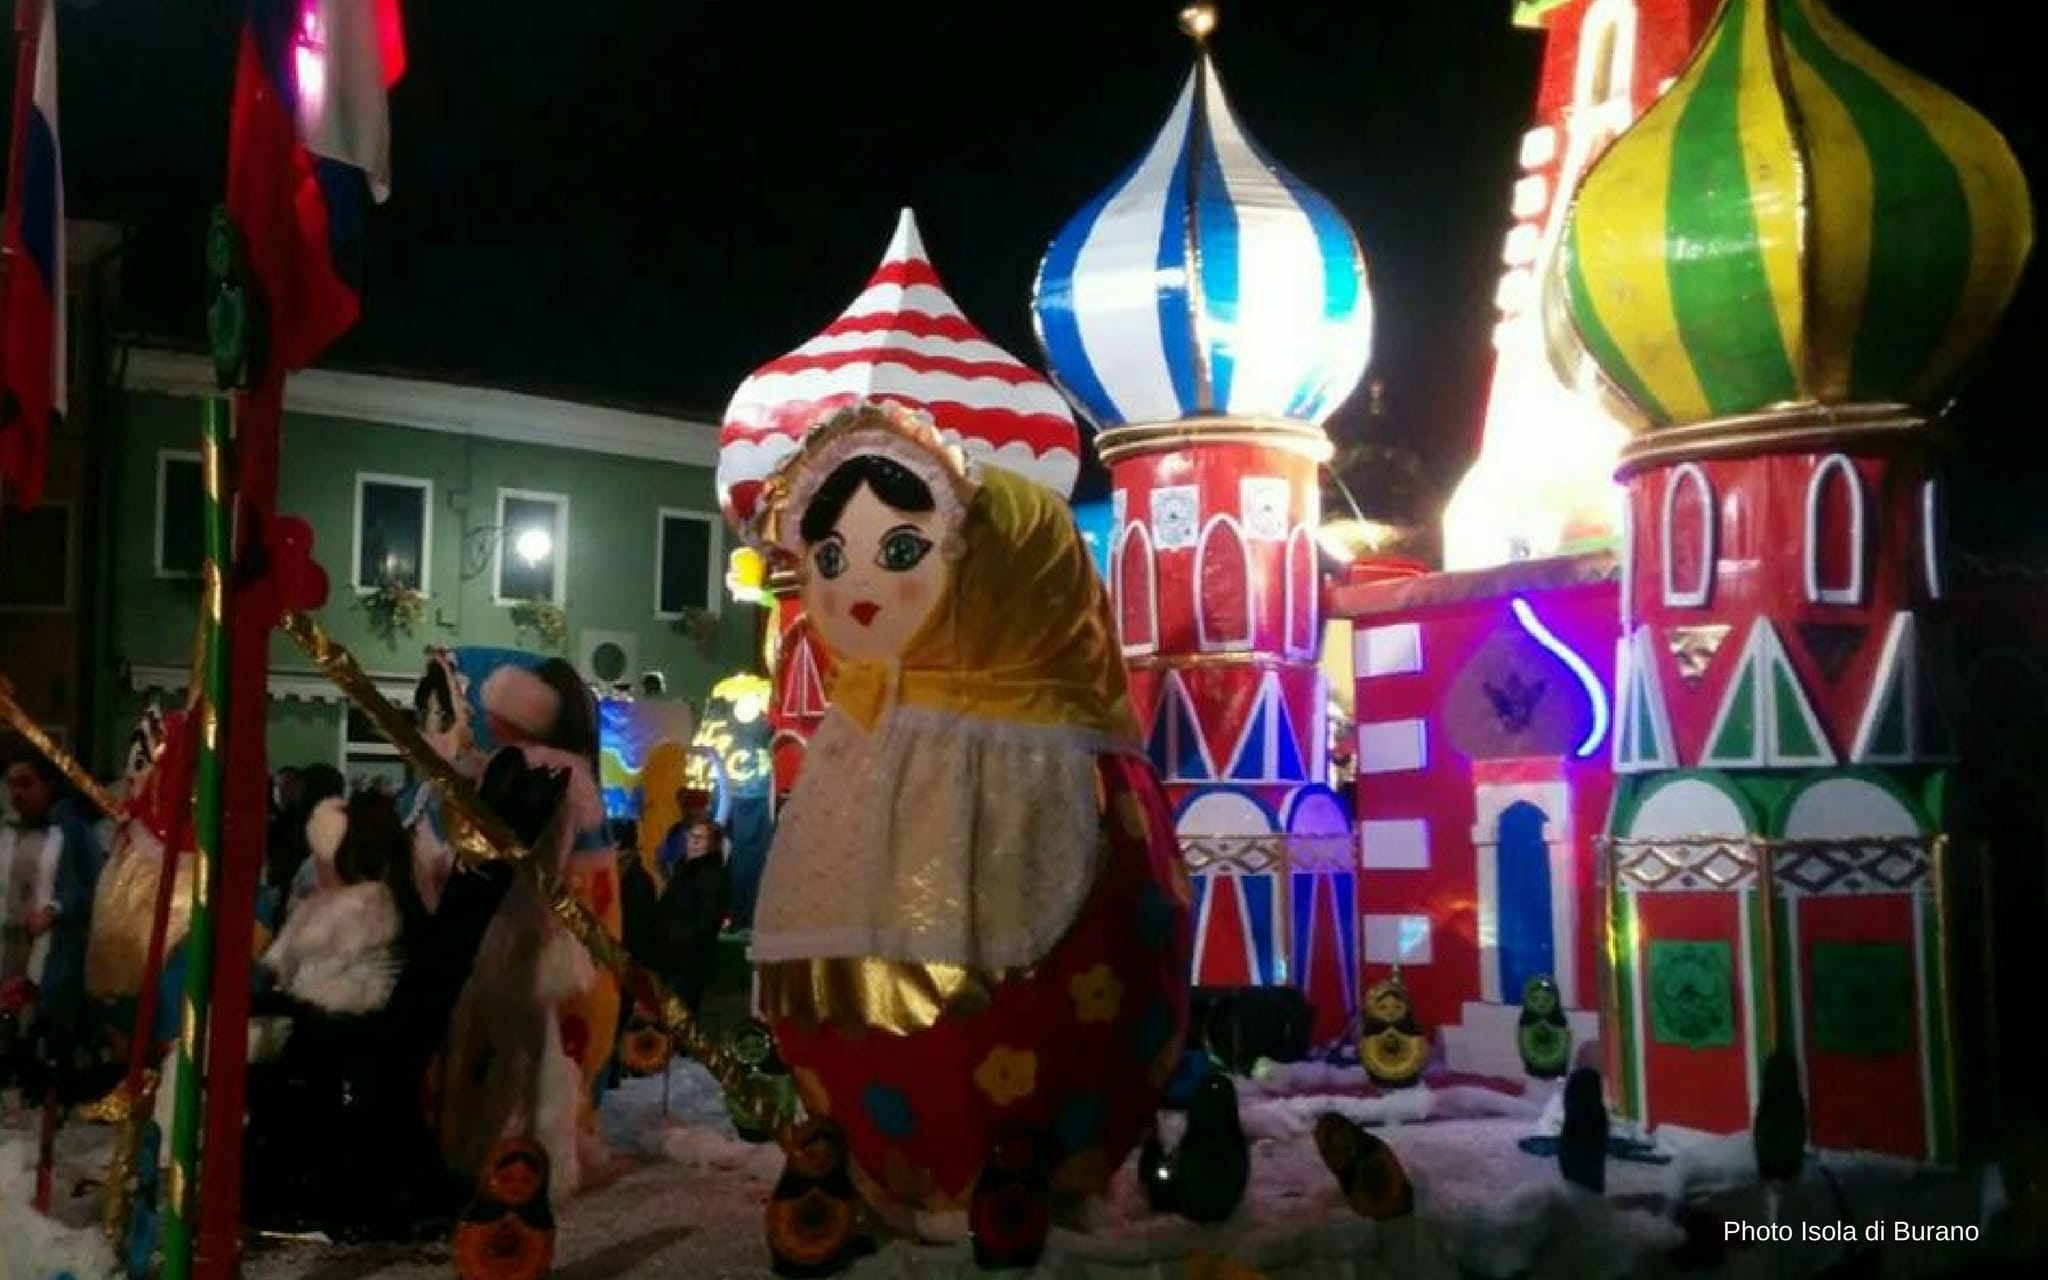 Carnevale di Burano - Carnevale di Venezia 2020 - sito ufficiale b7f1285aced